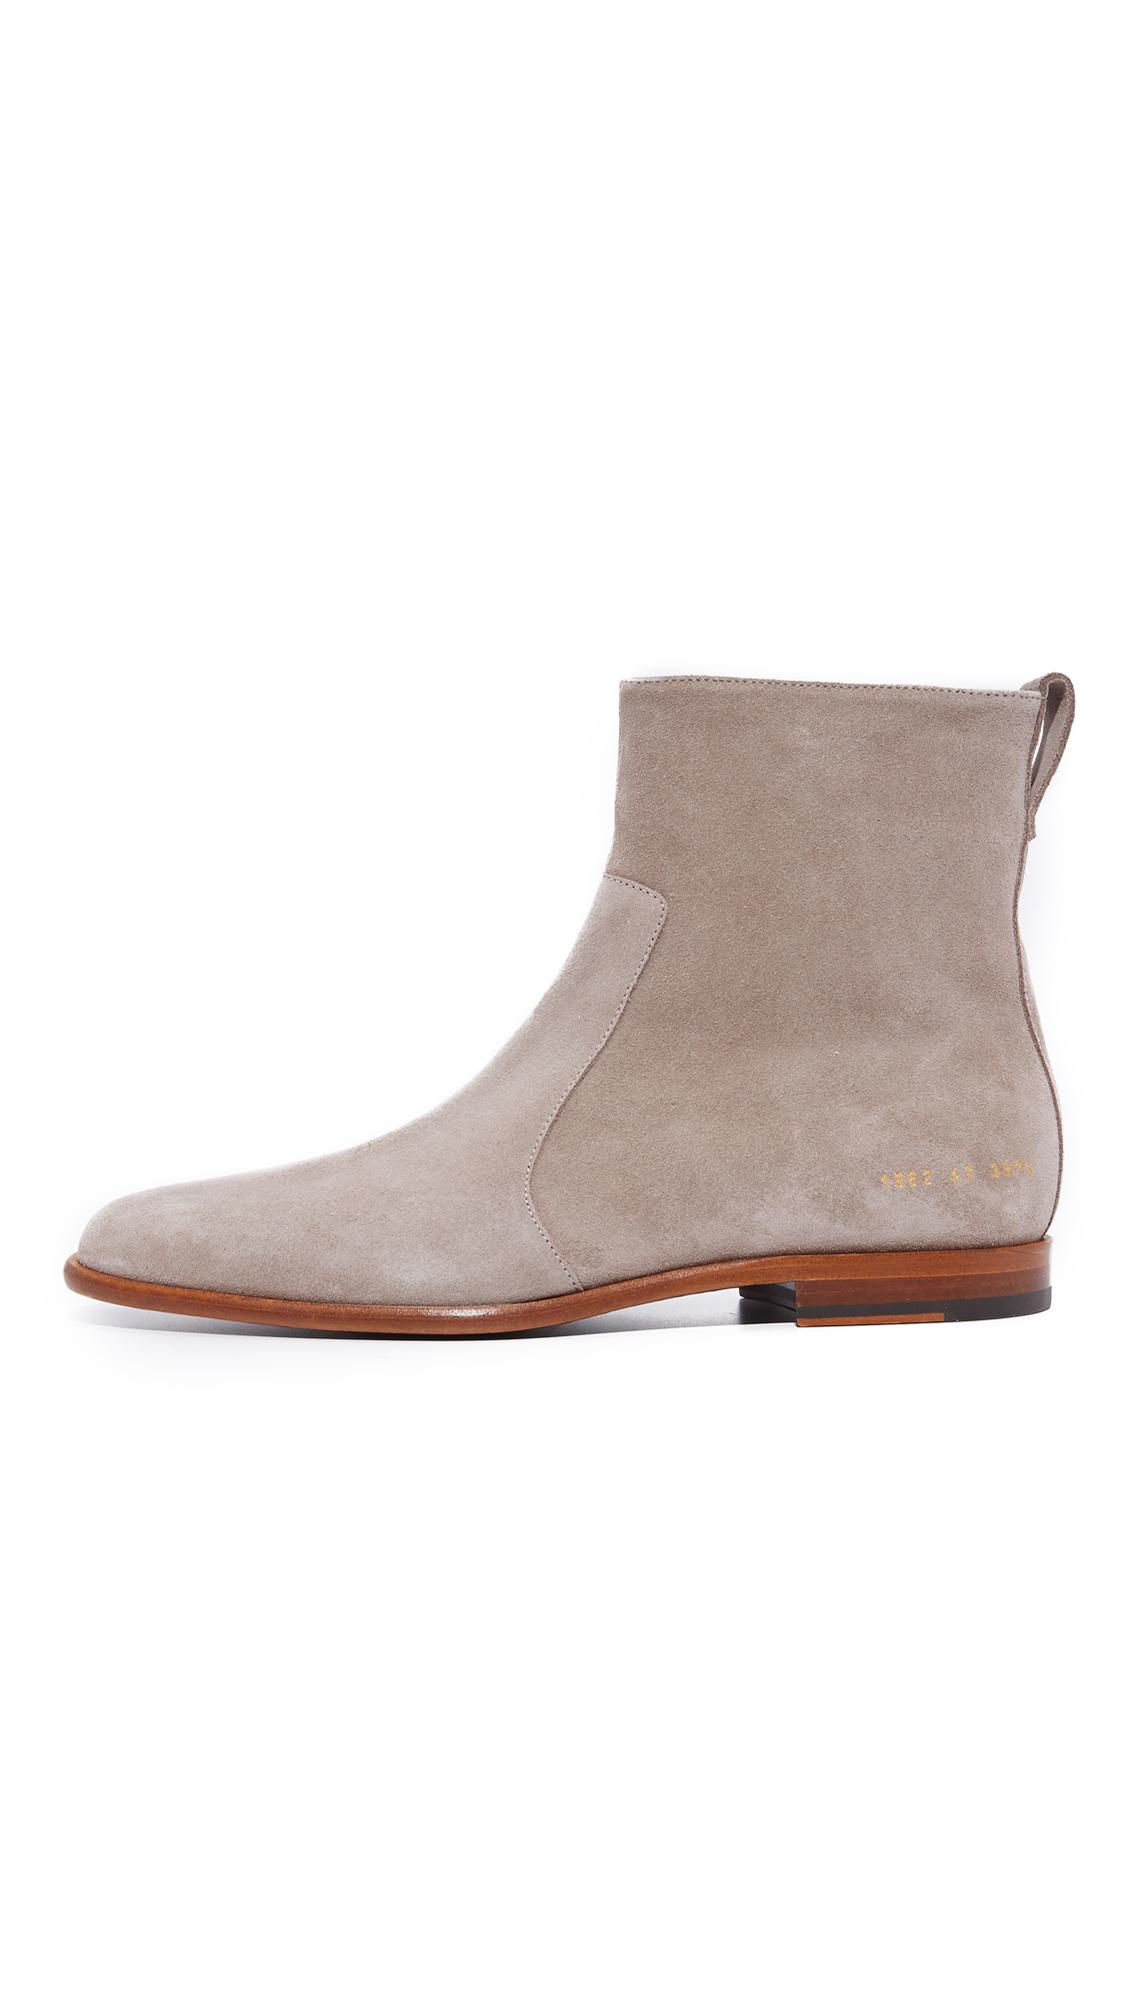 Robert Geller Suede X Common Projects Chelsea Boots